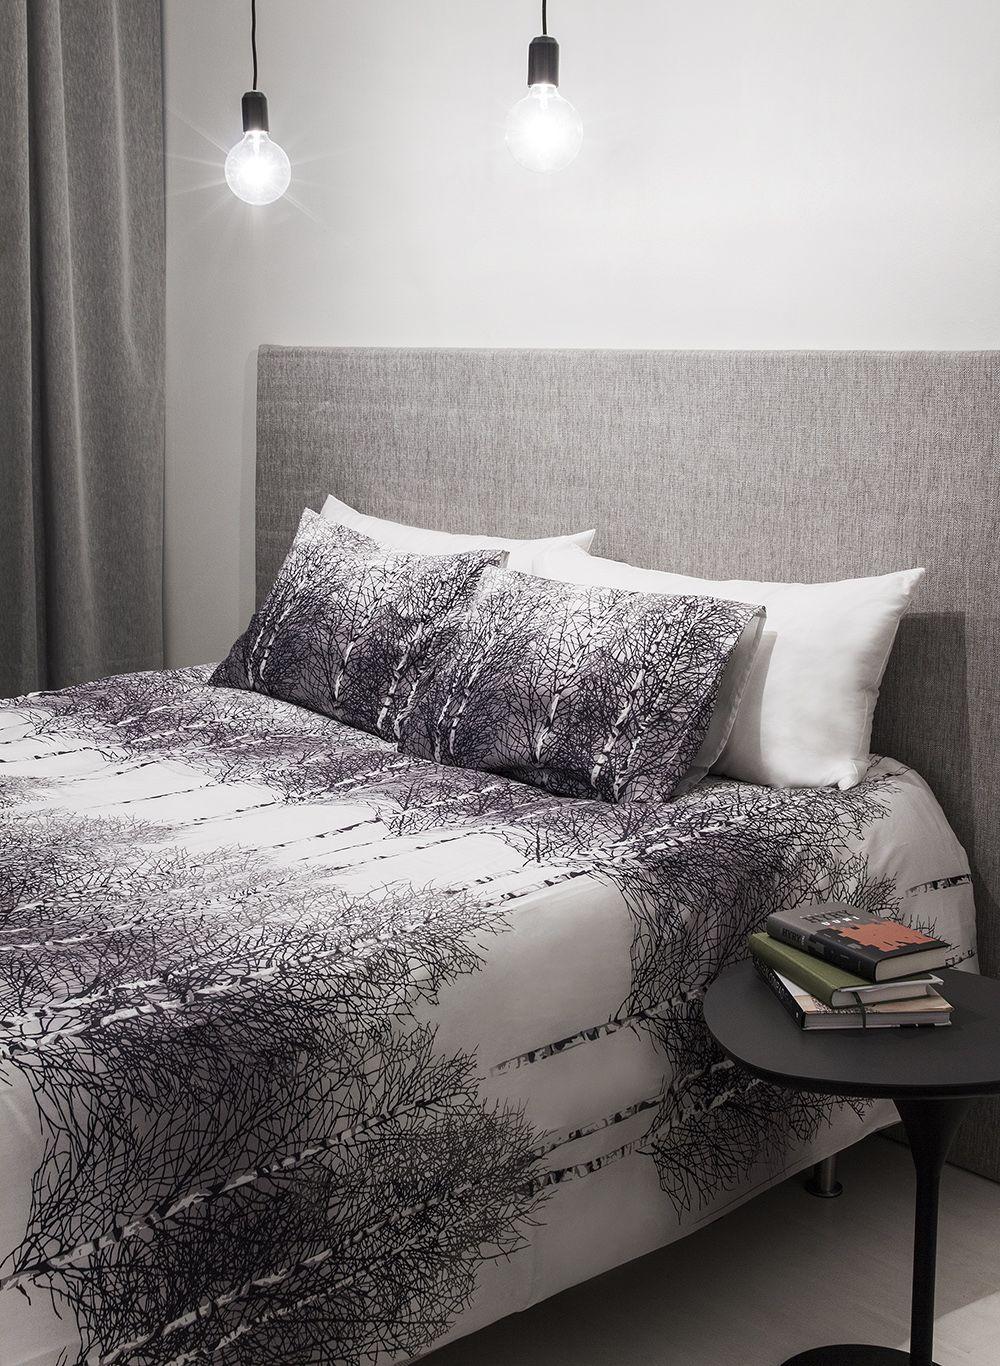 Vallilan valikoimiin kuuluu myös tuplaleveitä lakanoita. Koivikko -pussilakana on mitoiltaan 240 x 210 cm ja tyynyliina 55 x 65 cm.